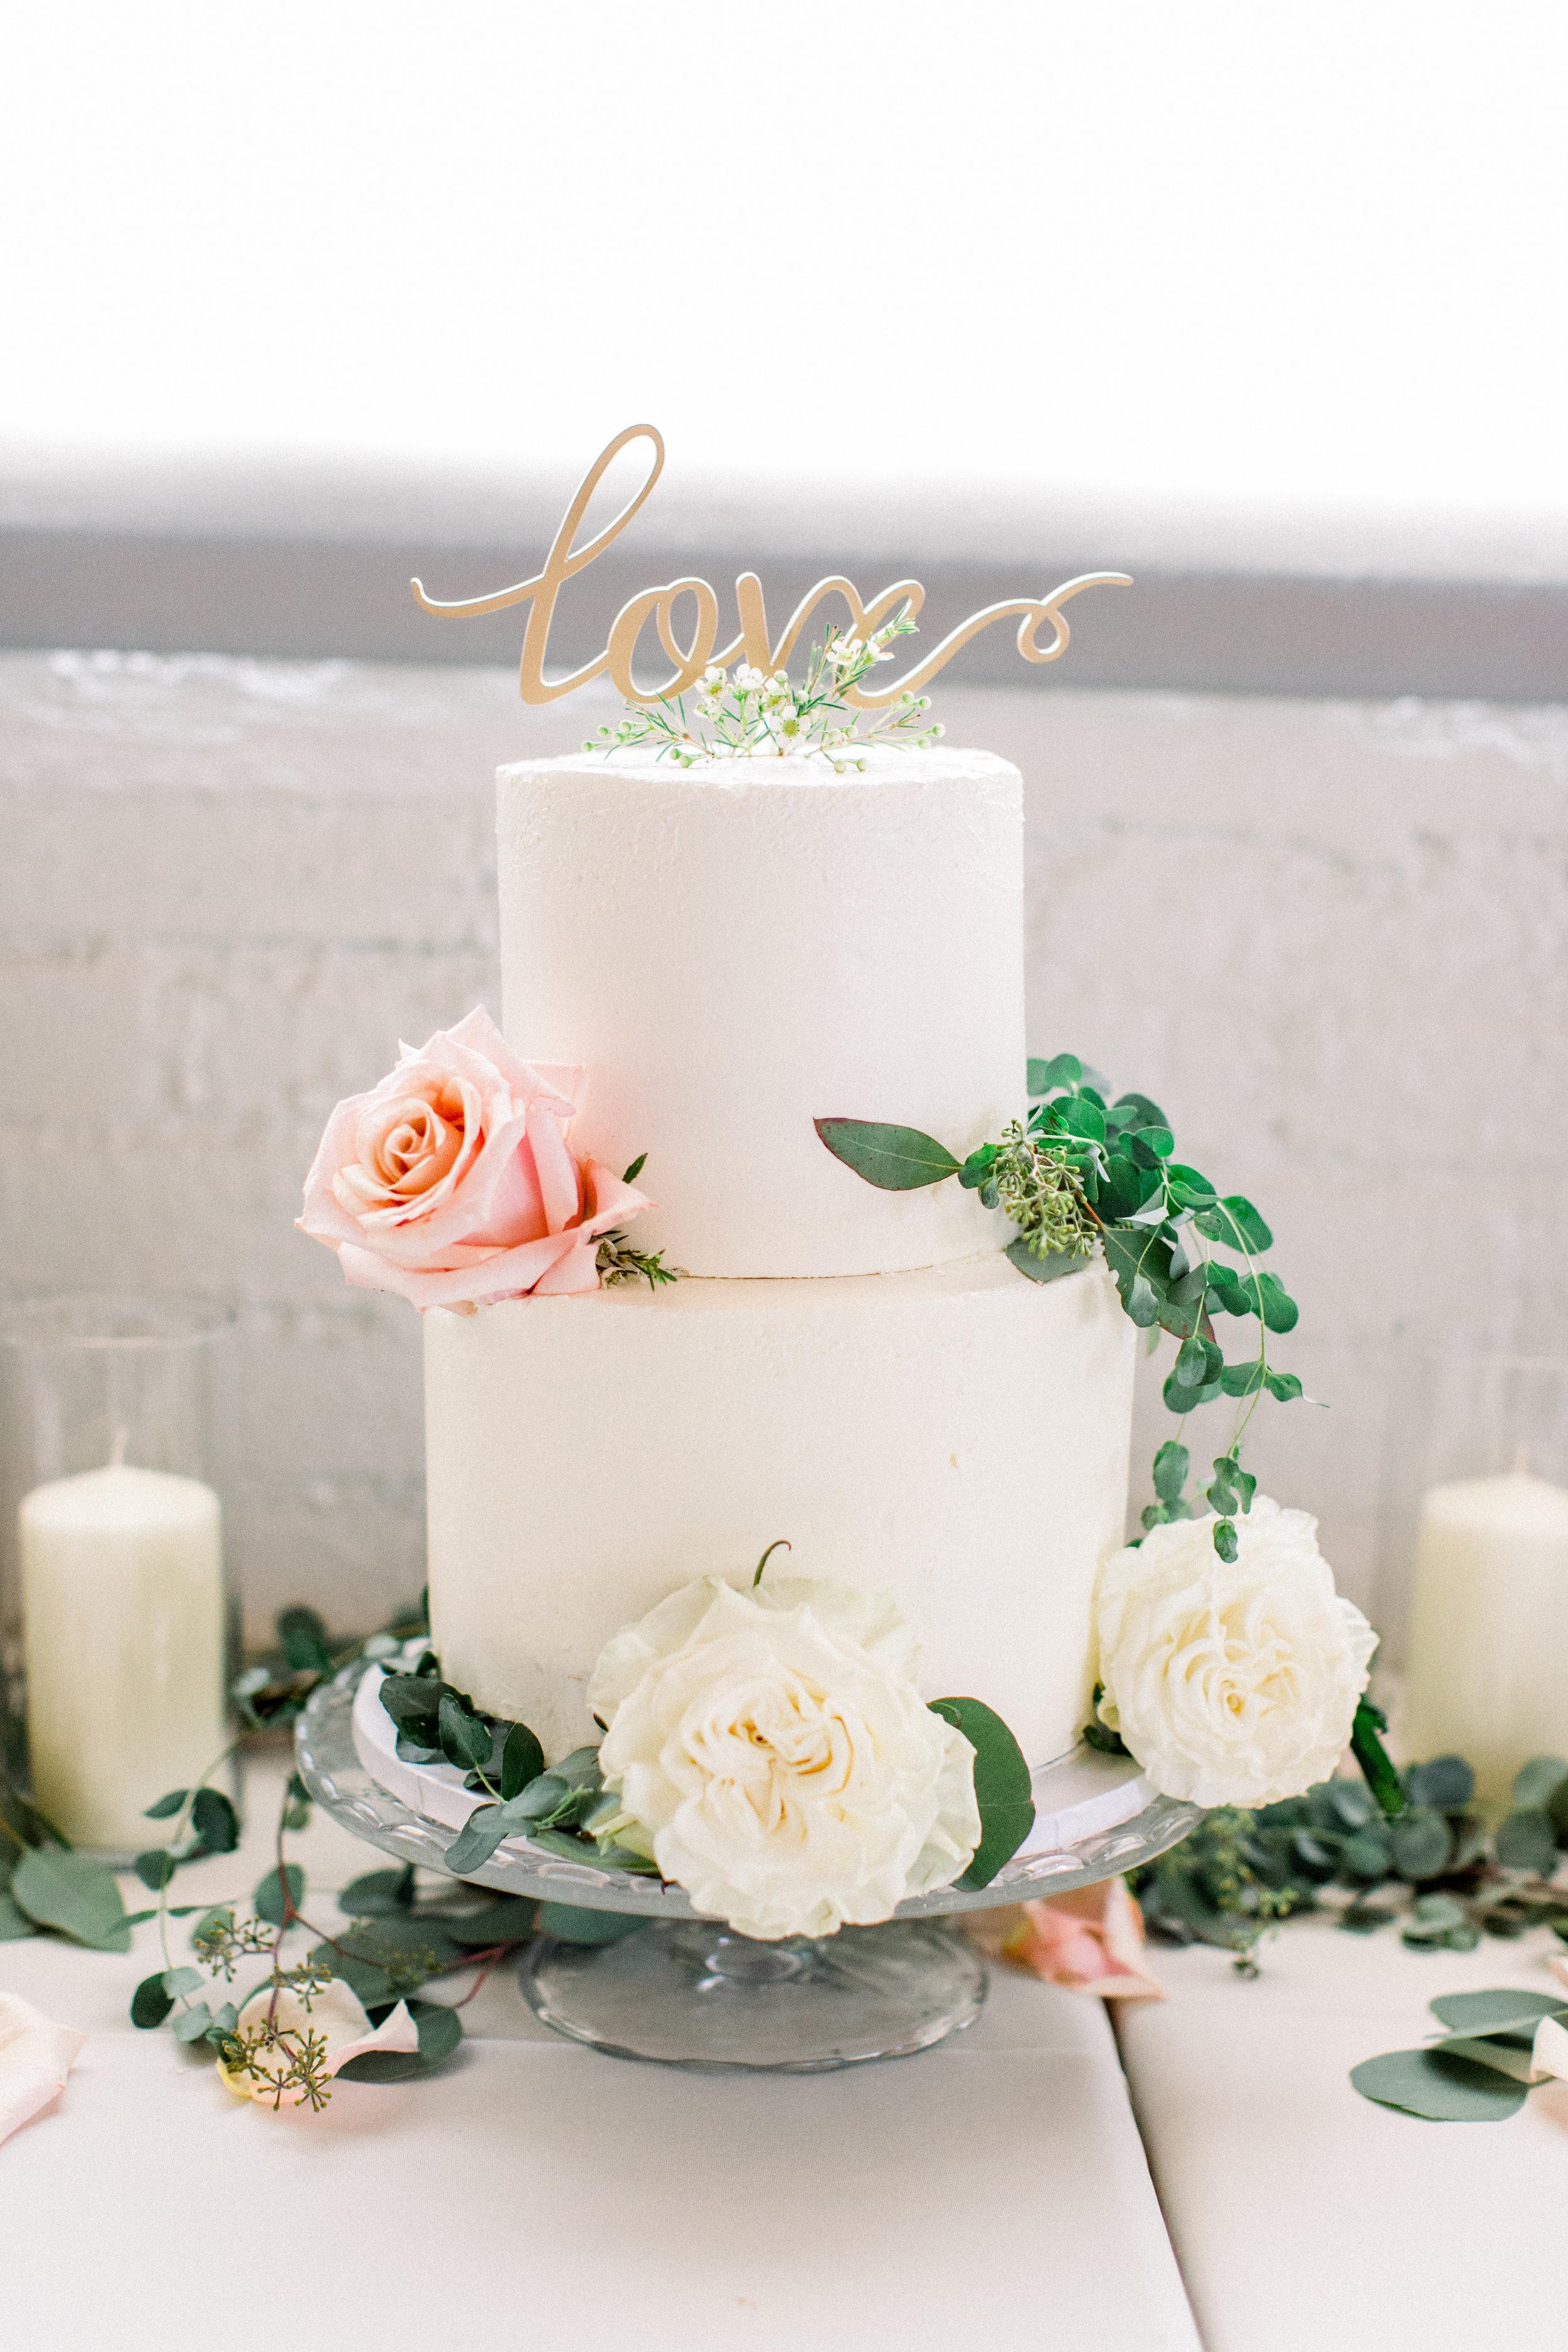 Steiner+Wedding+Reception+Details-45.jpg